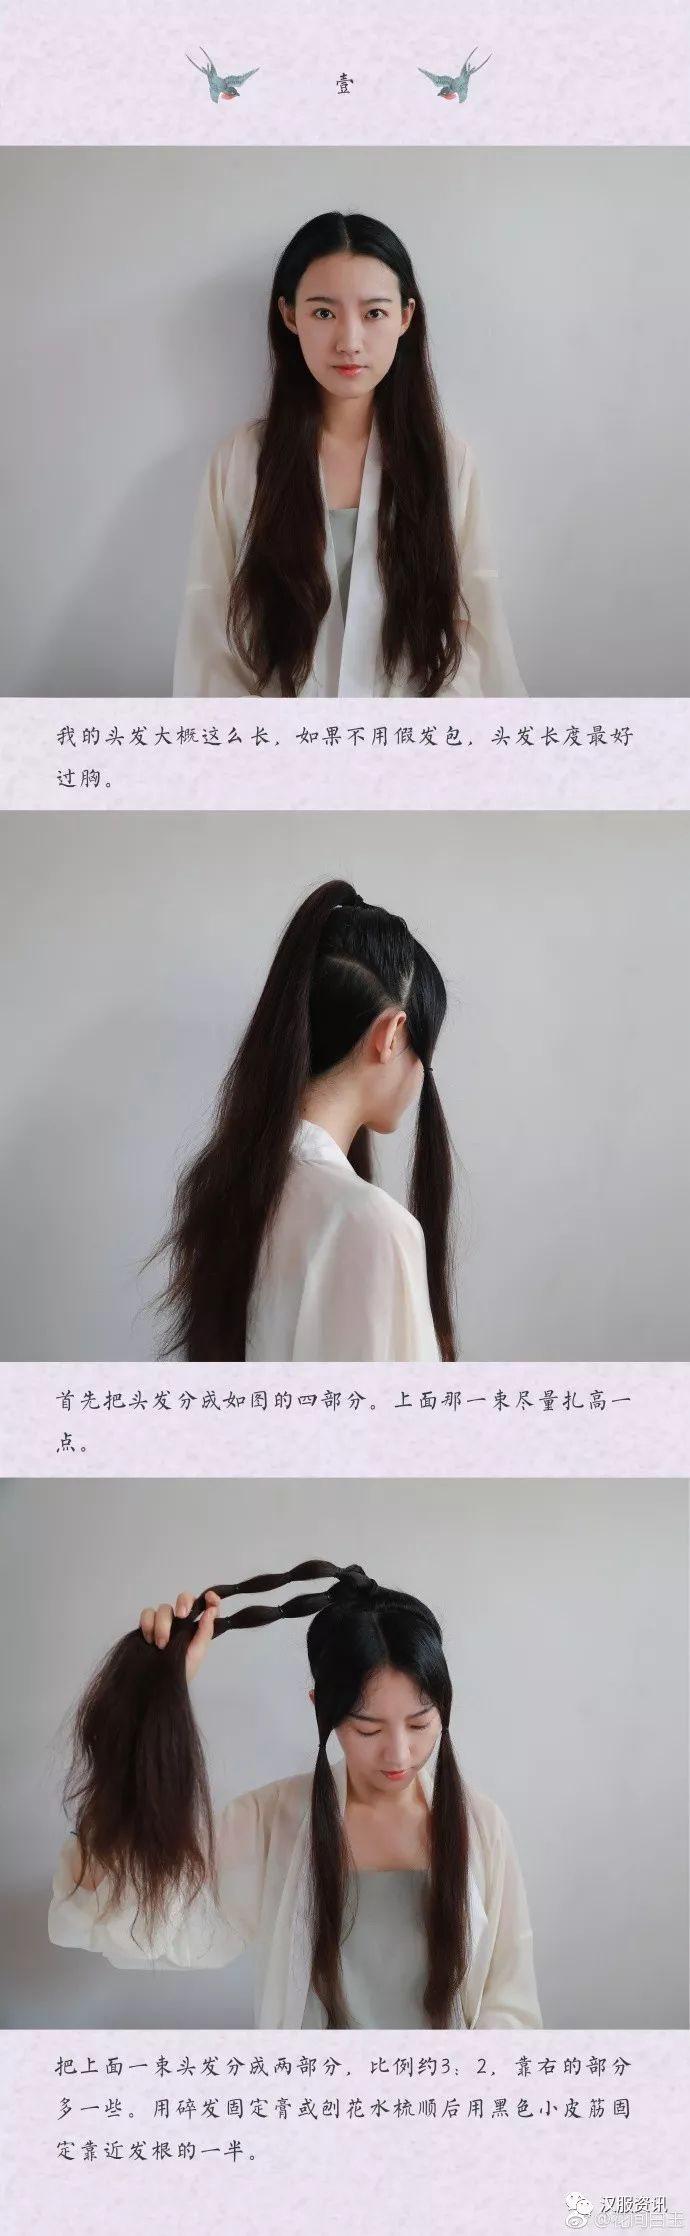 不需要假发包的垂髫分梢髻-图片2